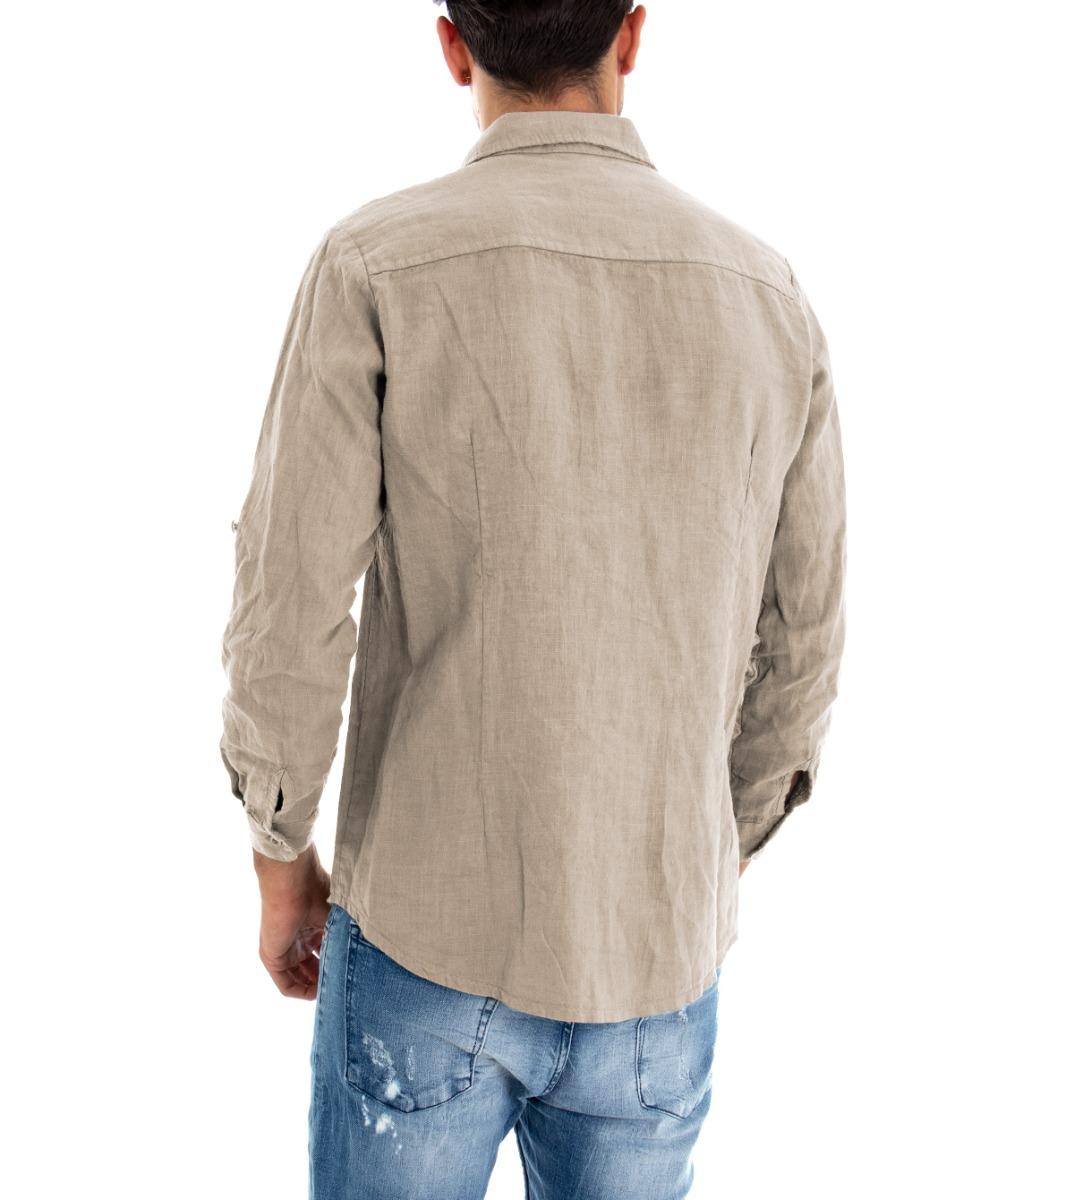 Camicia-Uomo-Lino-Maniche-Lunghe-Colletto-Tinta-Unita-Beige-GIOSAL miniatura 6